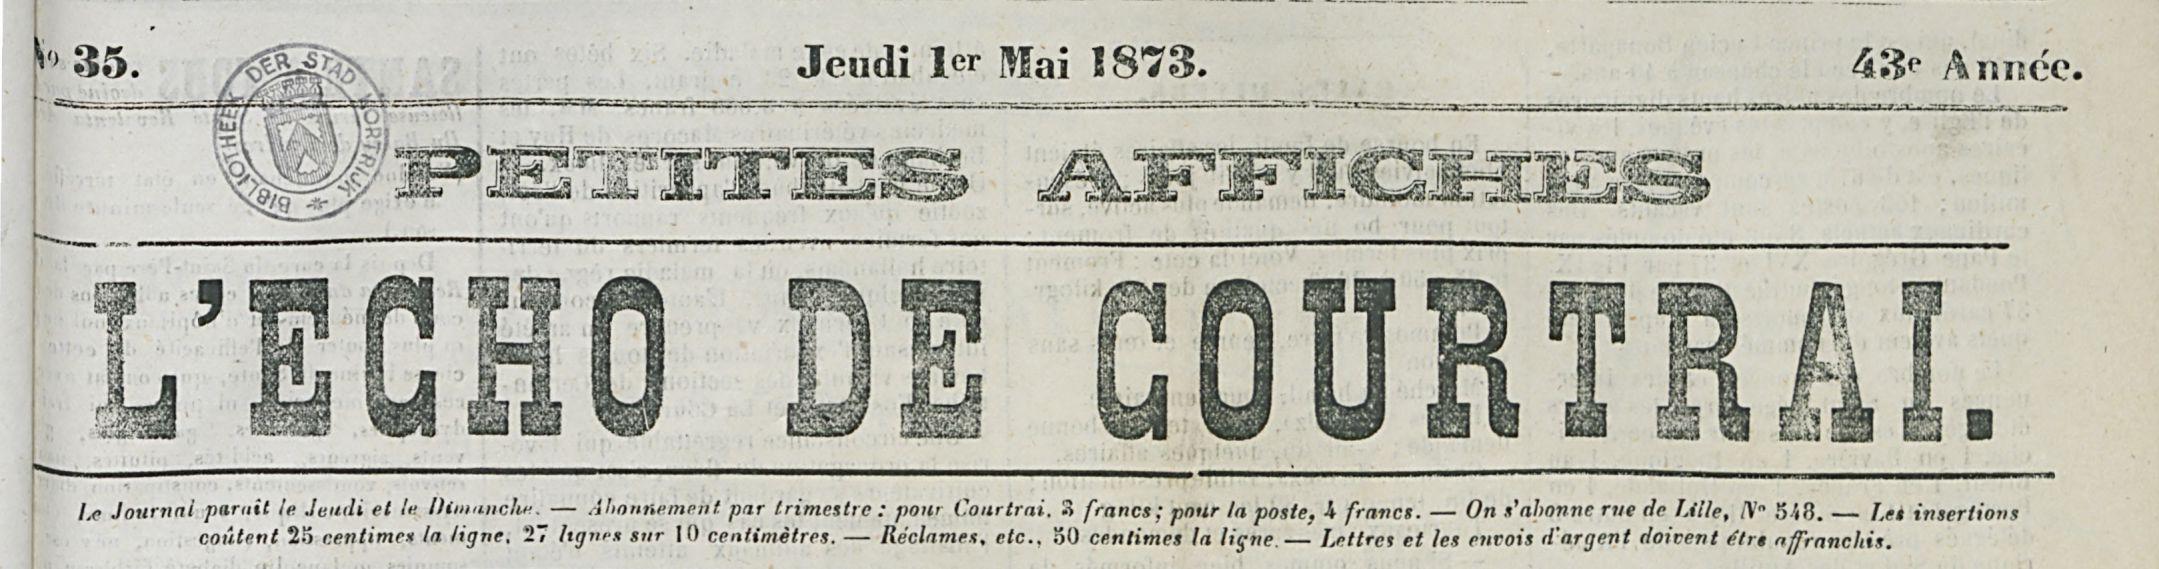 L'ÉCHO DE COURTRAI